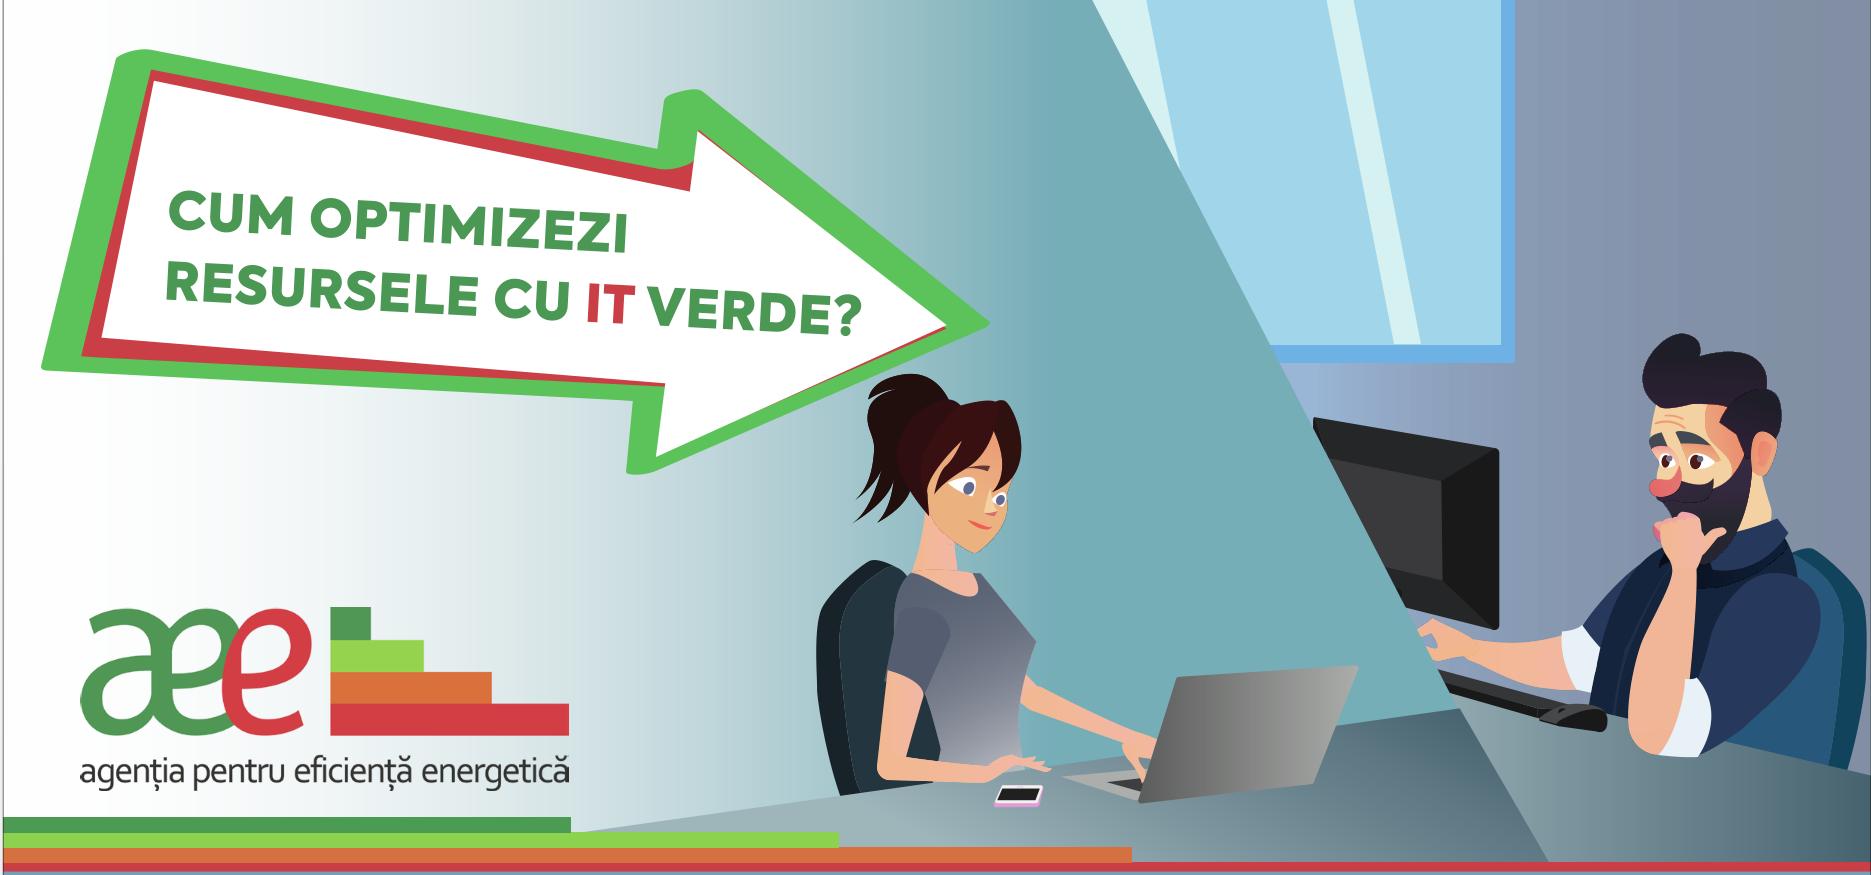 (VIDEO) Cum să optimizezi resursele cu IT verde? AEE vorbește despre pași simpli!